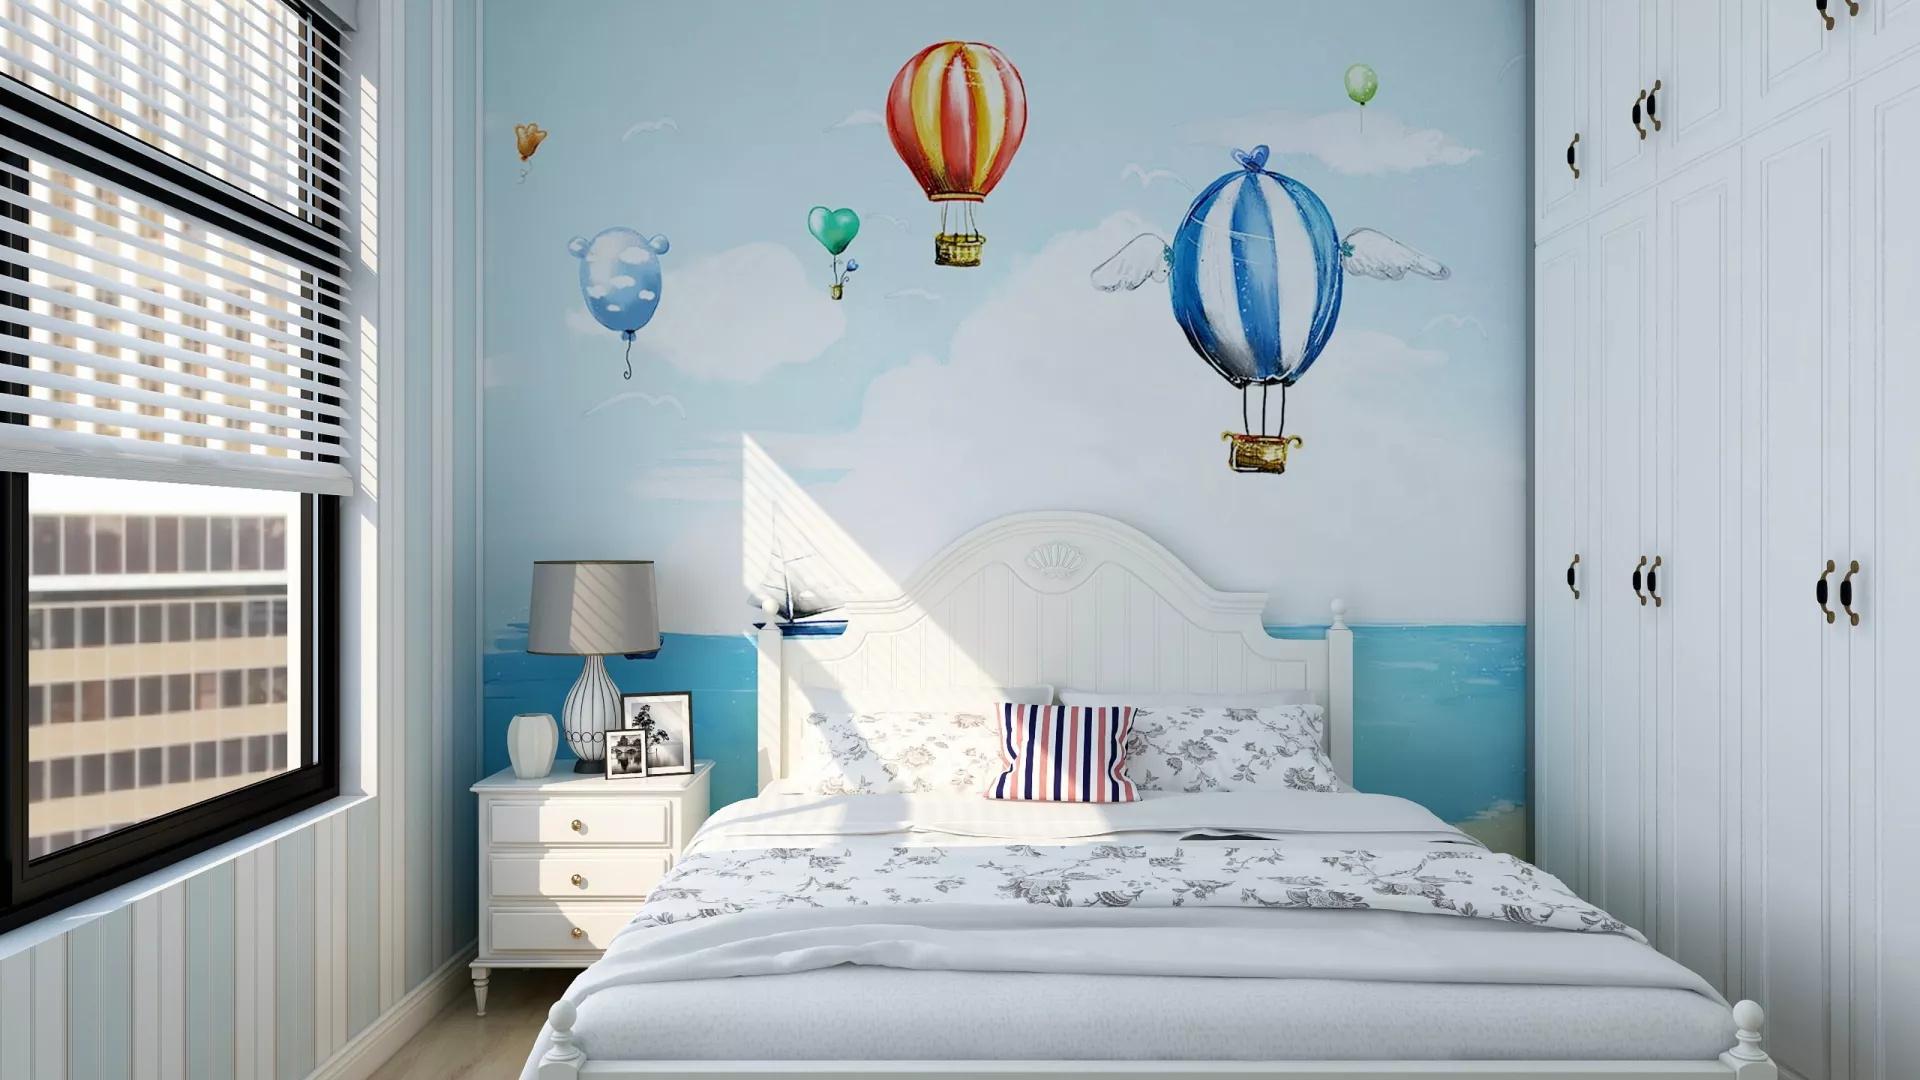 儿童房如何装饰合理 儿童房装饰风水要点